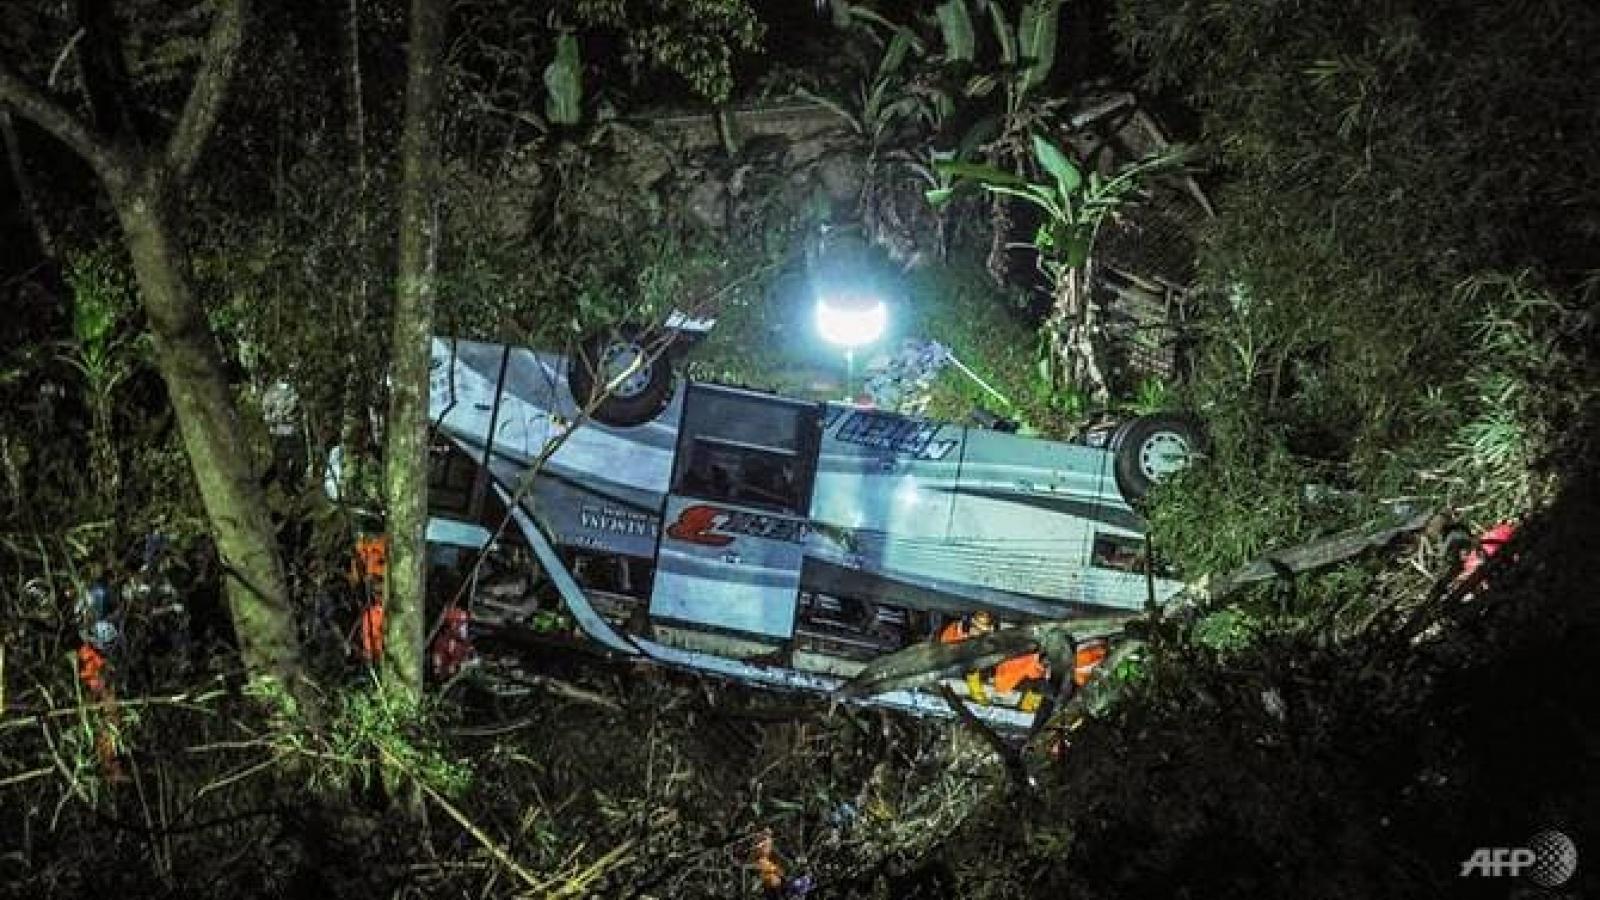 Tai nạn giao thông thảm khốc ở Indonesia khiến ít nhất 27 người thiệt mạng